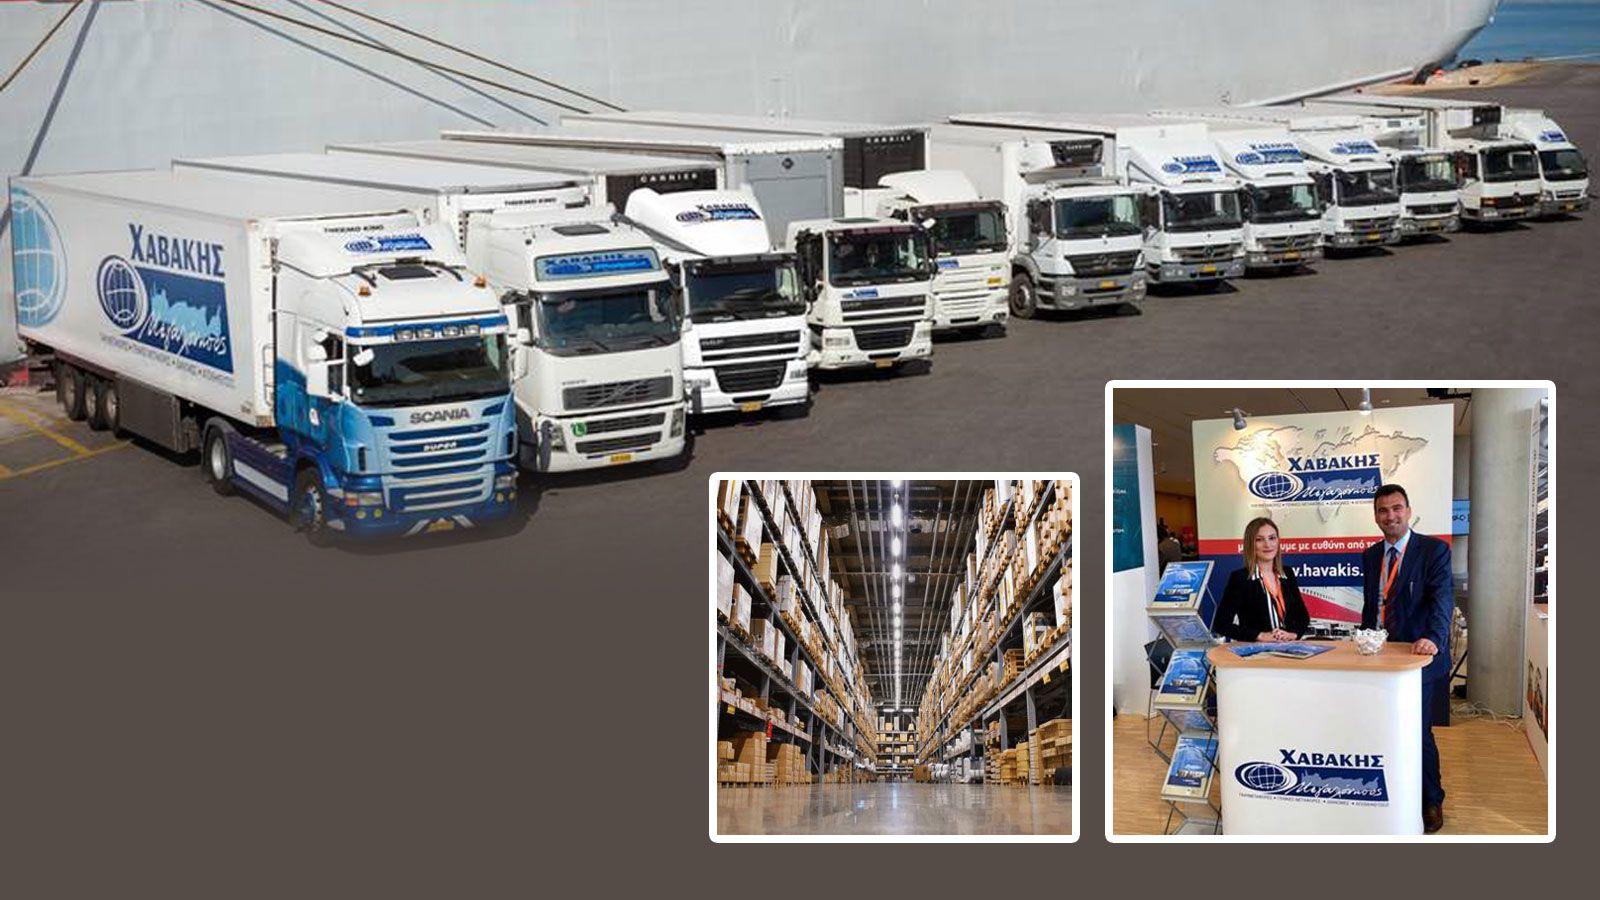 Θεωρείται το Νο1 παγκρήτιο δίκτυο μεταφορών (Ηράκλειο, Λασίθι, Χανιά και Ρέθυμνο). 52 χρόνια, αναλαμβάνει μεταφορές και διανομές εμπορευμάτων, σε συνθήκες περιβάλλοντος, συντήρησης και κατάψυξης.